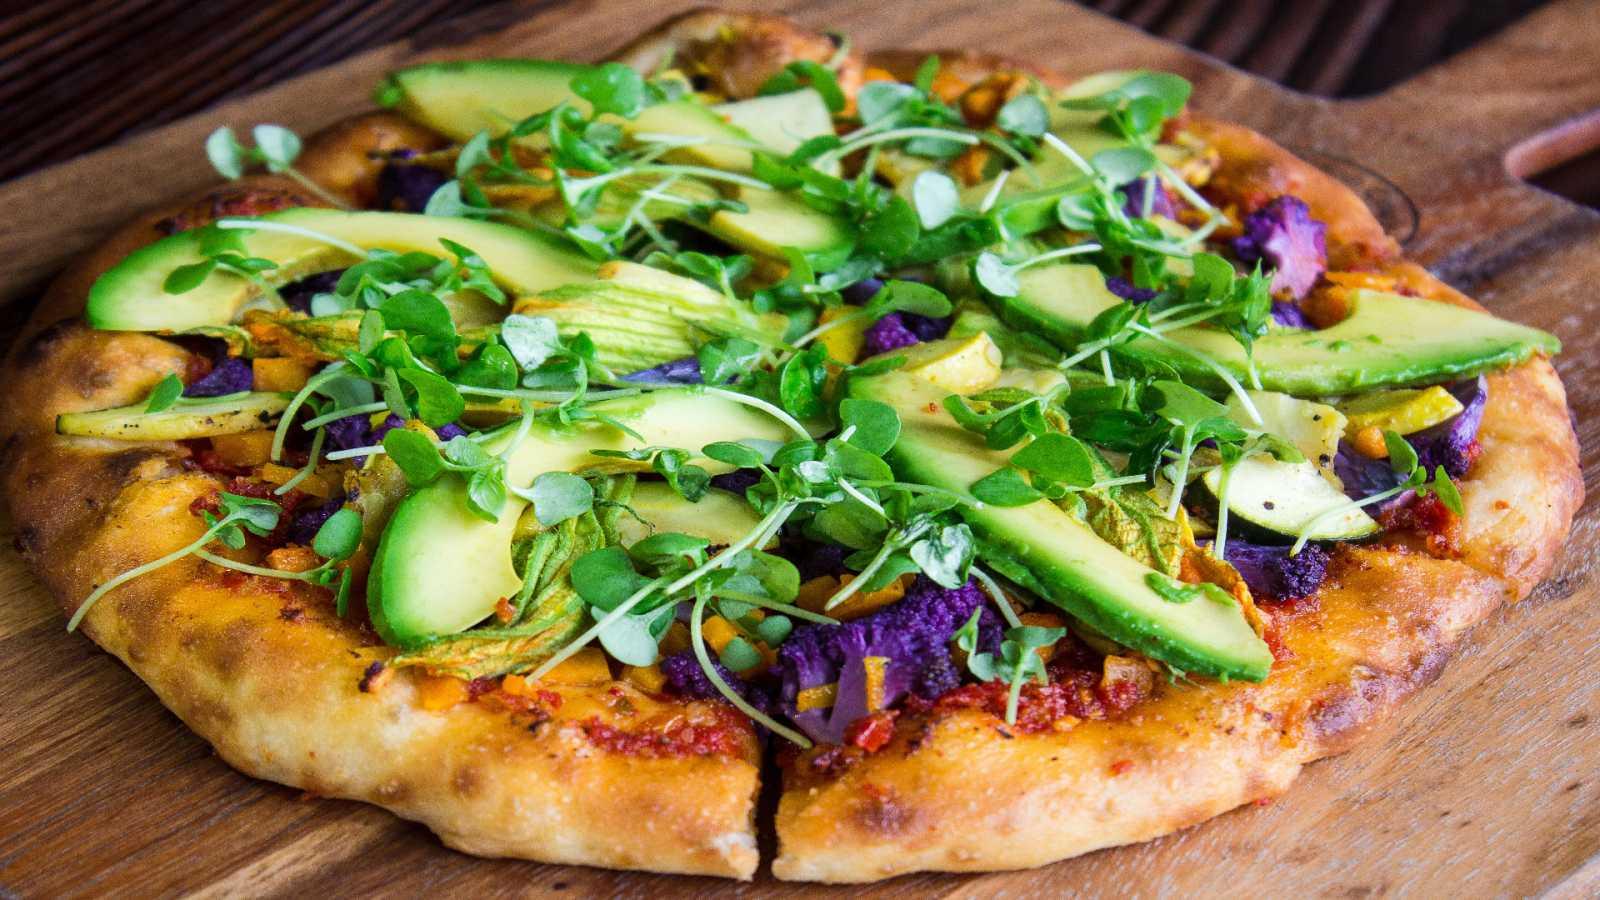 Un laboratorio en mi cocina - Cómo hacer una pizza más saludable - 09/02/21 - Escuchar ahora